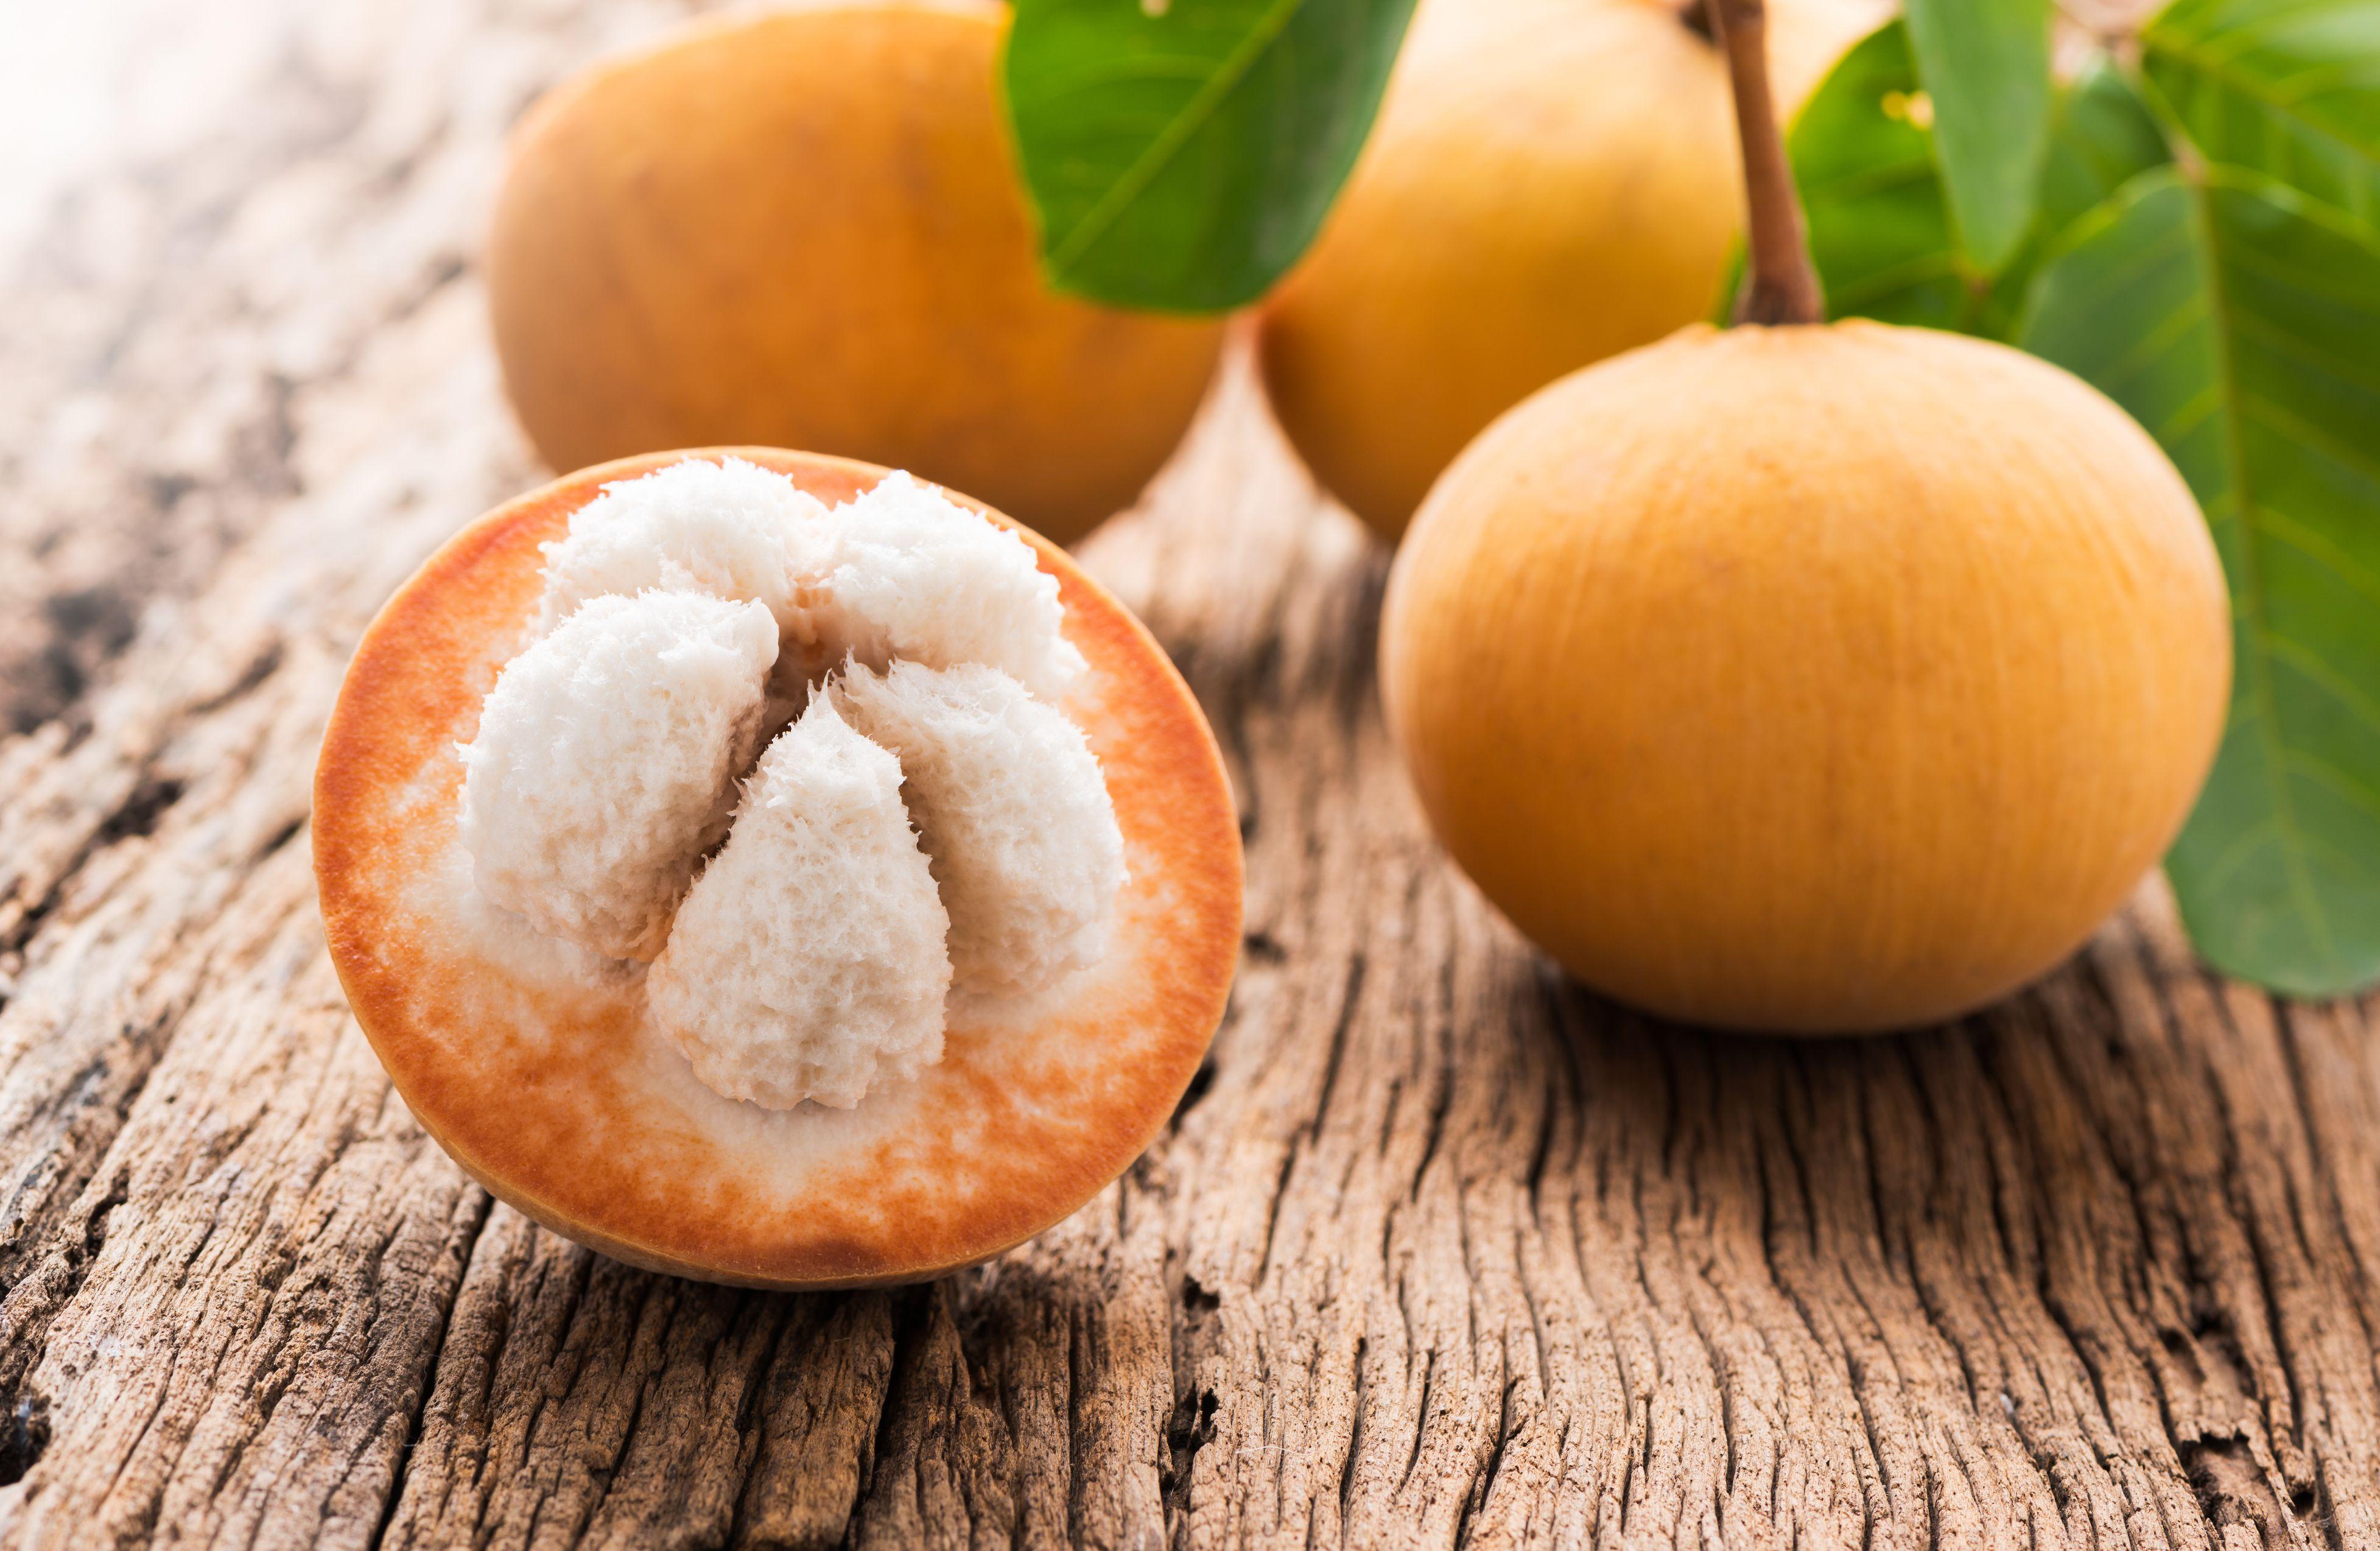 sliced santol fruit on wooden background